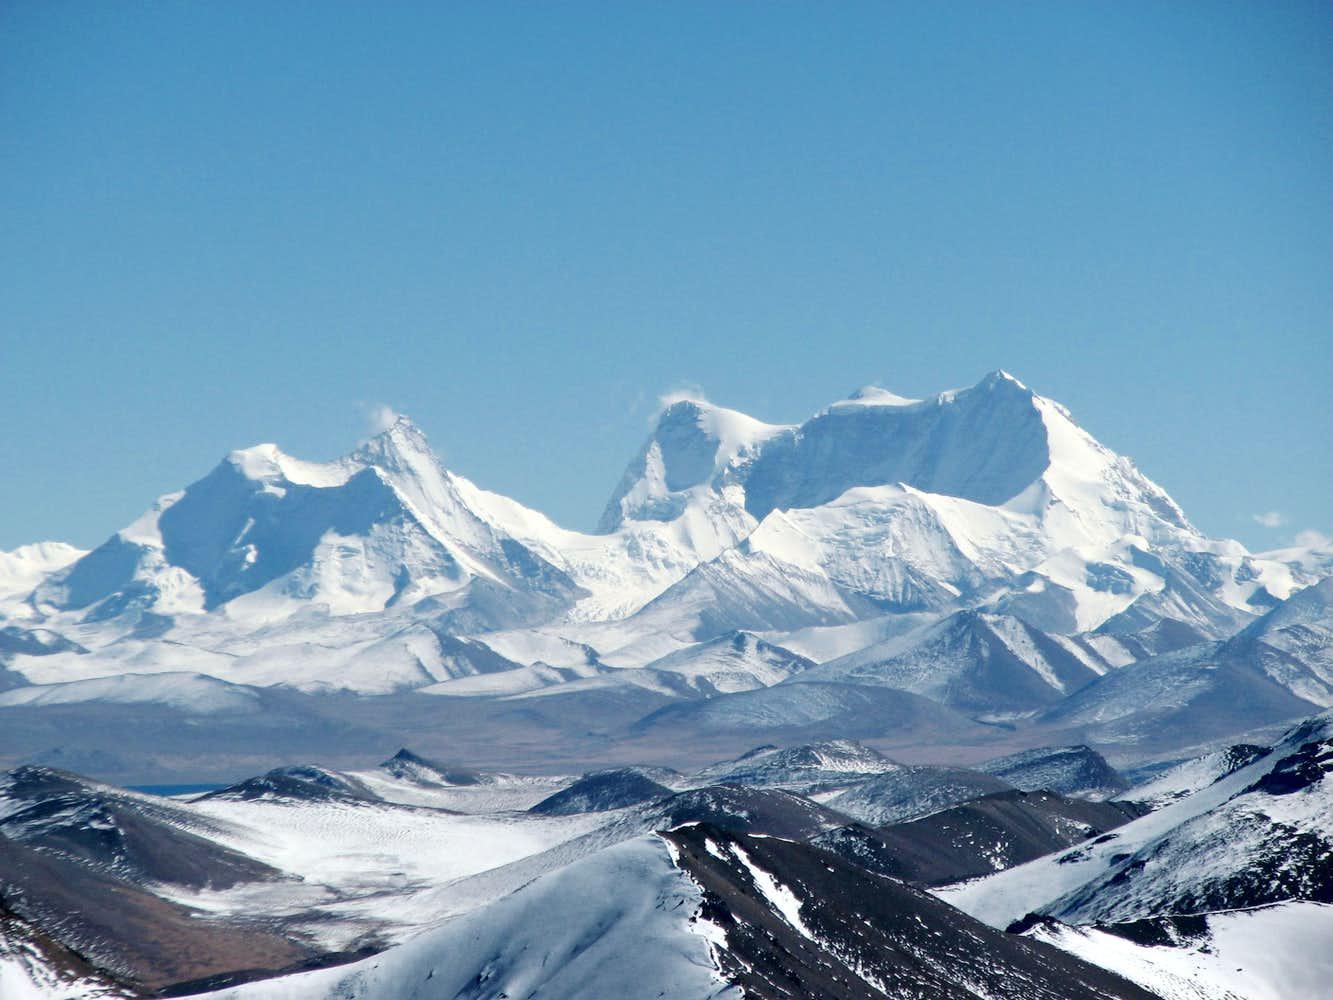 Карджианг I, Тибет - места на които хората не са стъпвали.